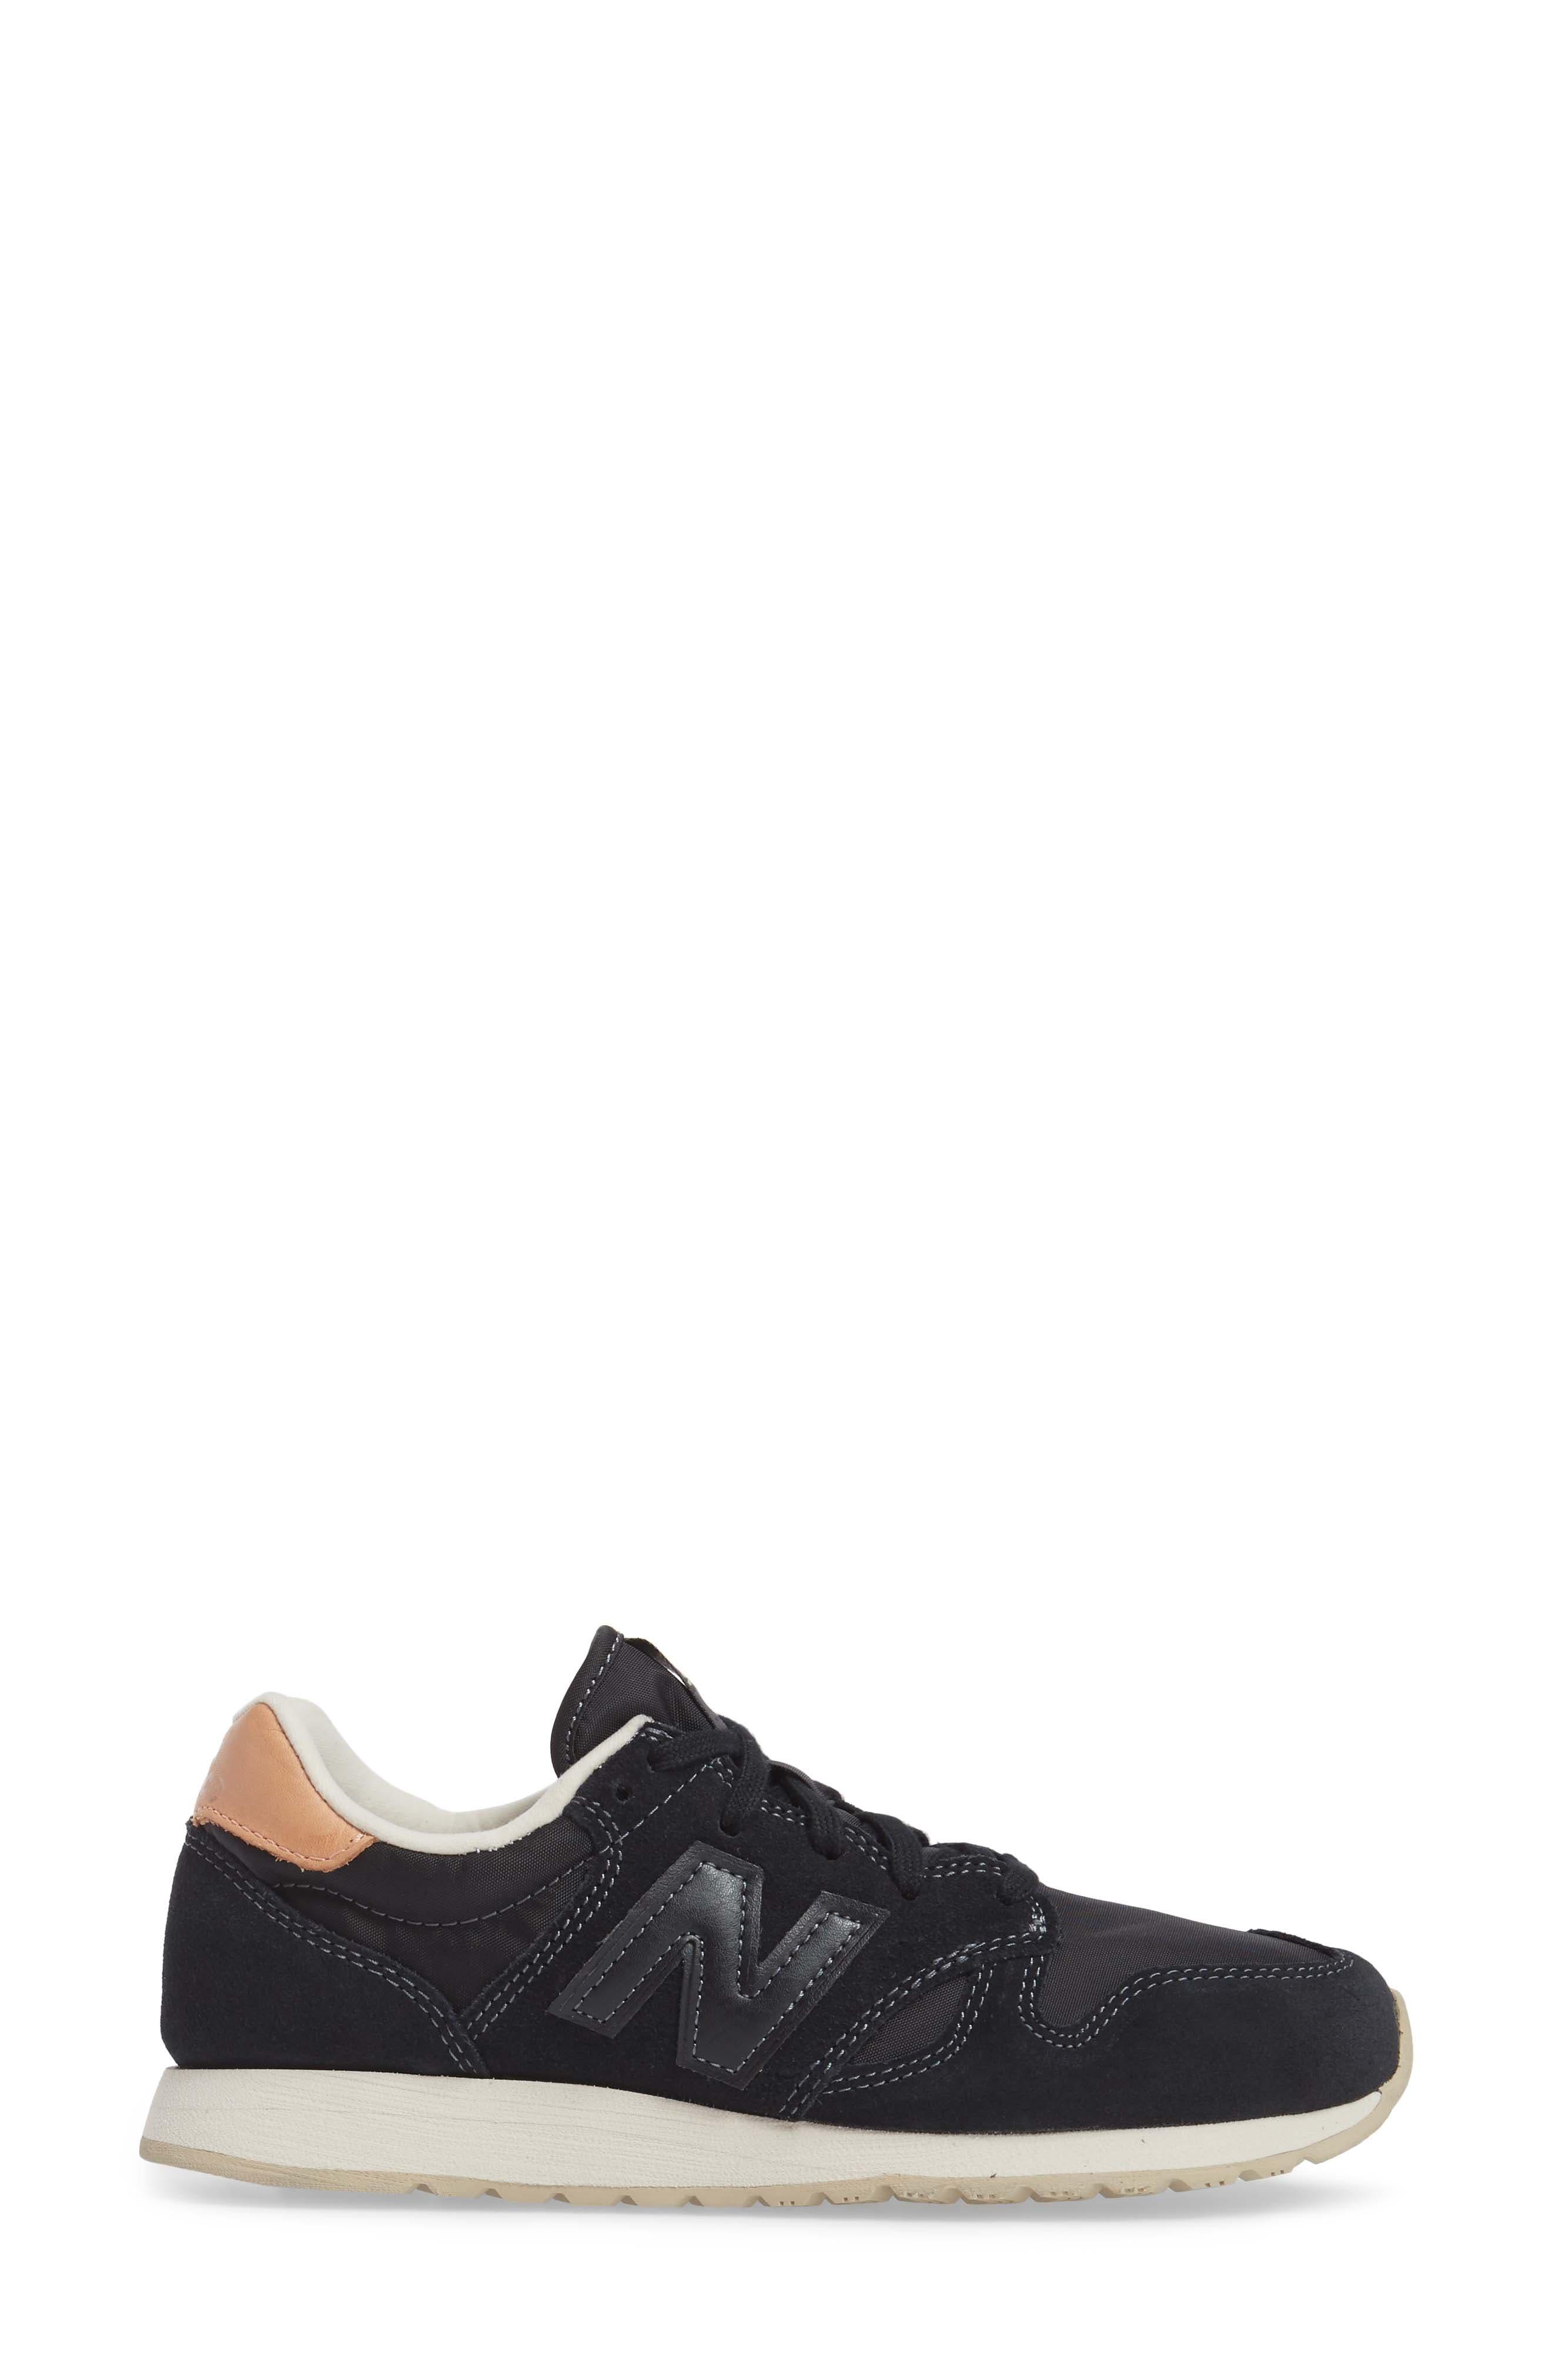 520 Sneaker,                             Alternate thumbnail 3, color,                             001